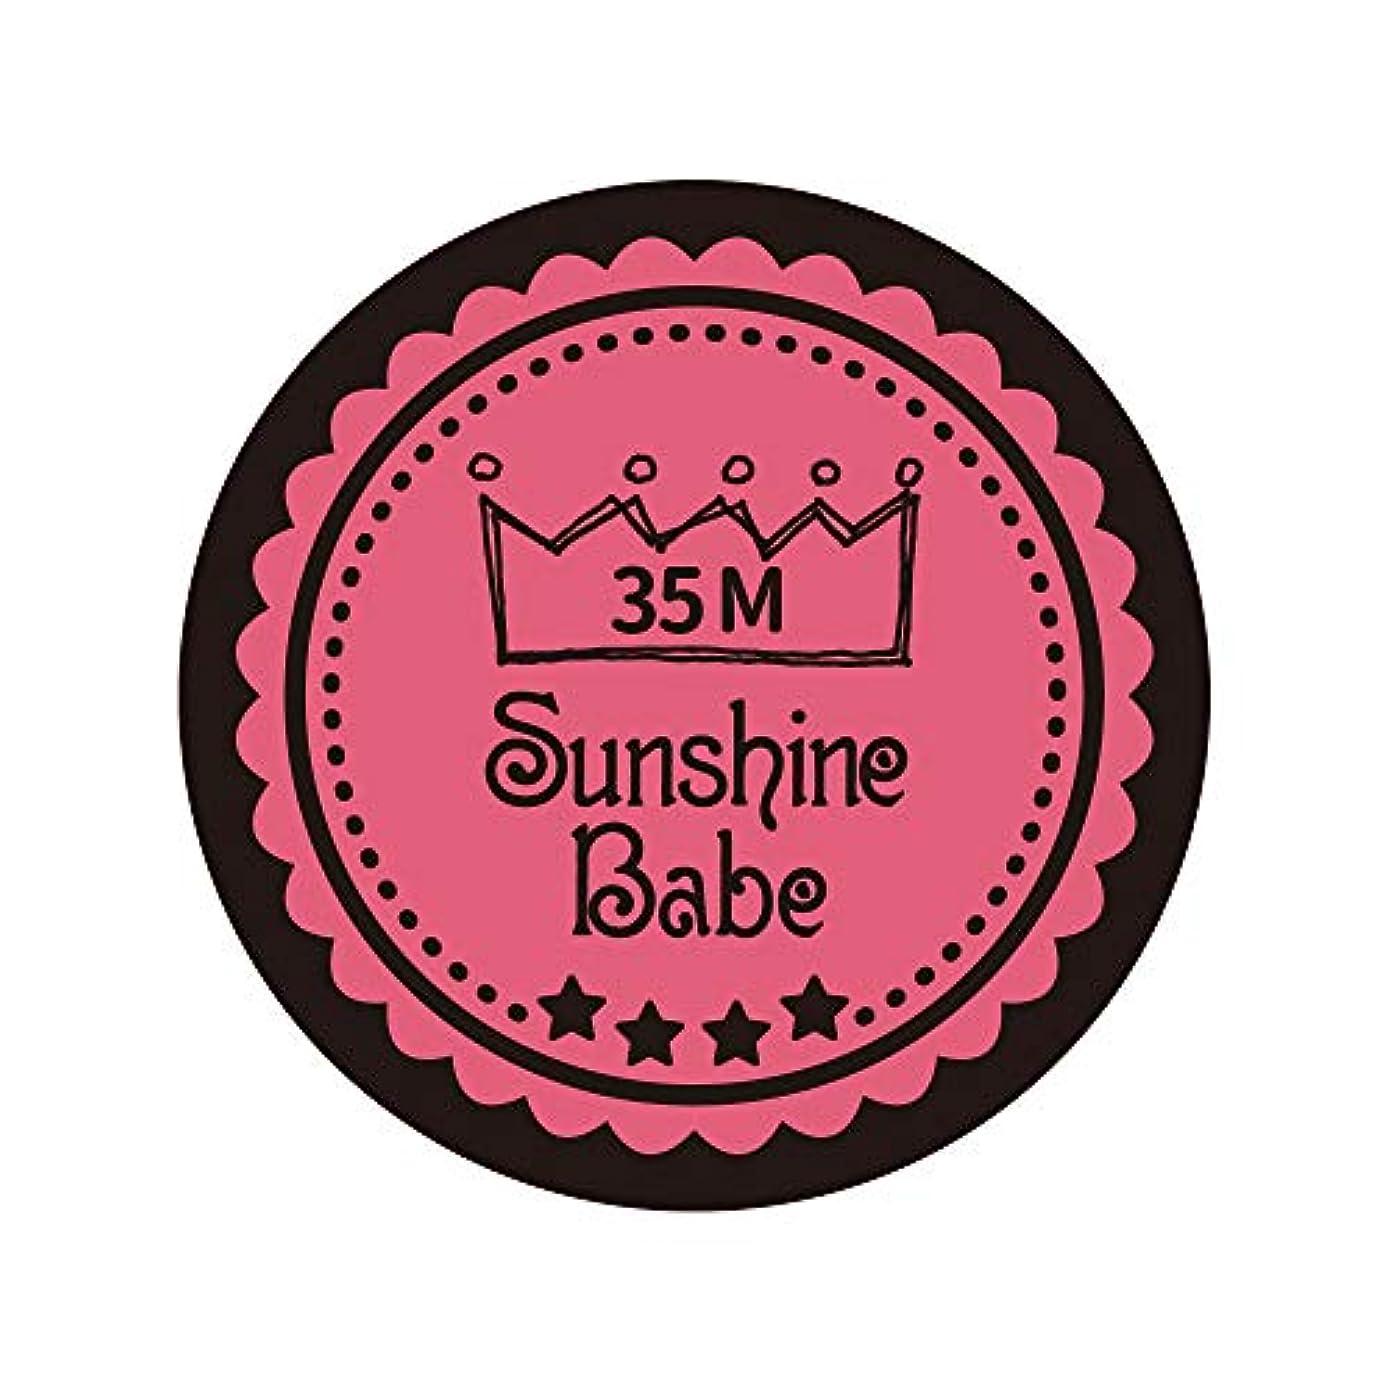 悪意のあるリスクーポンSunshine Babe カラージェル 35M ローズピンク 4g UV/LED対応